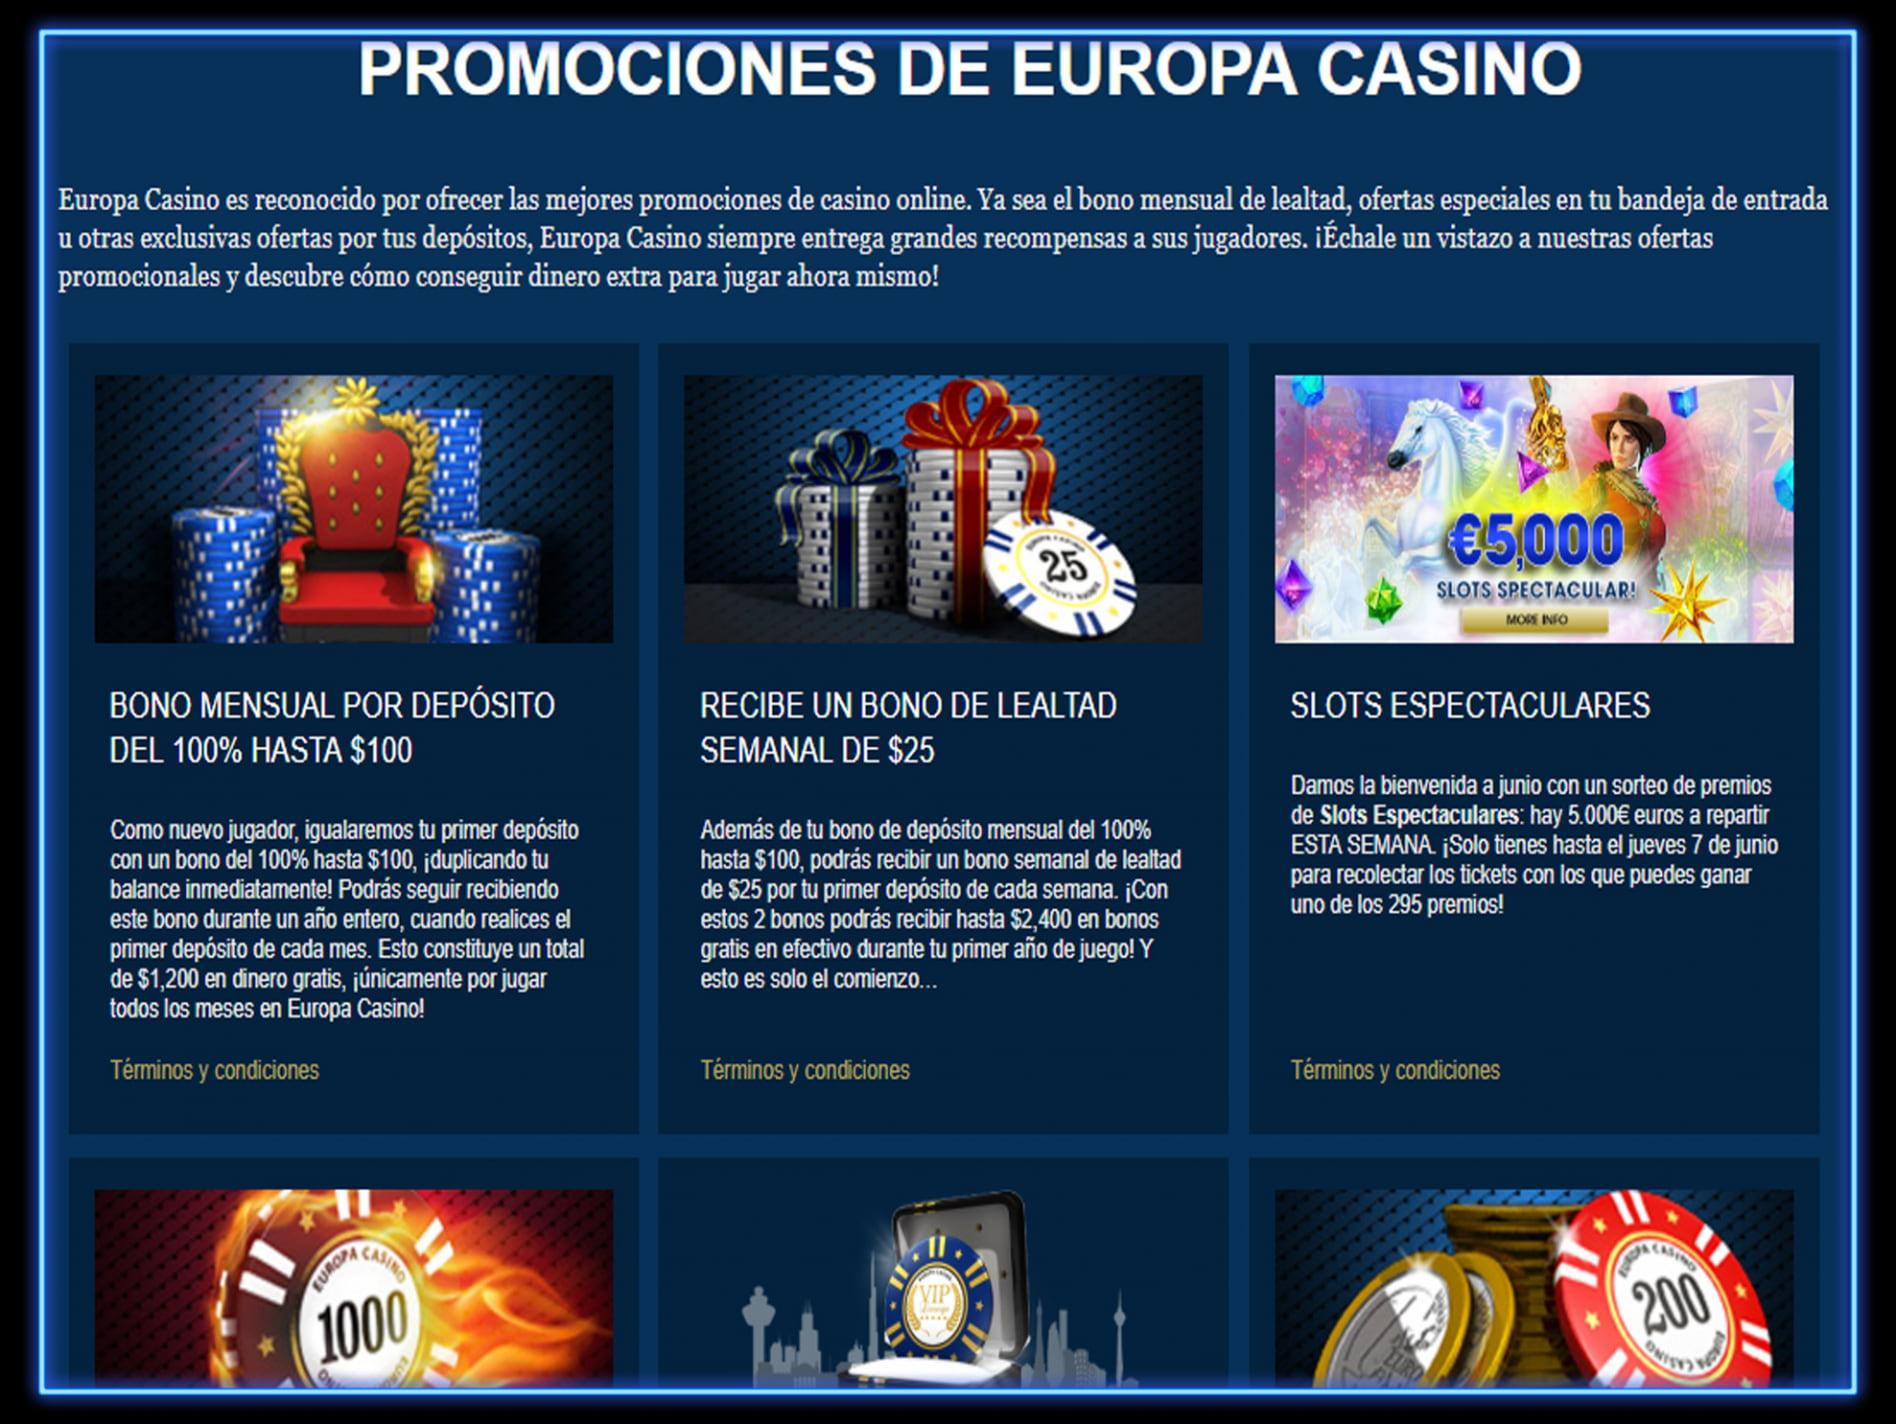 Gana en el casino everest poker passport renewal 641246